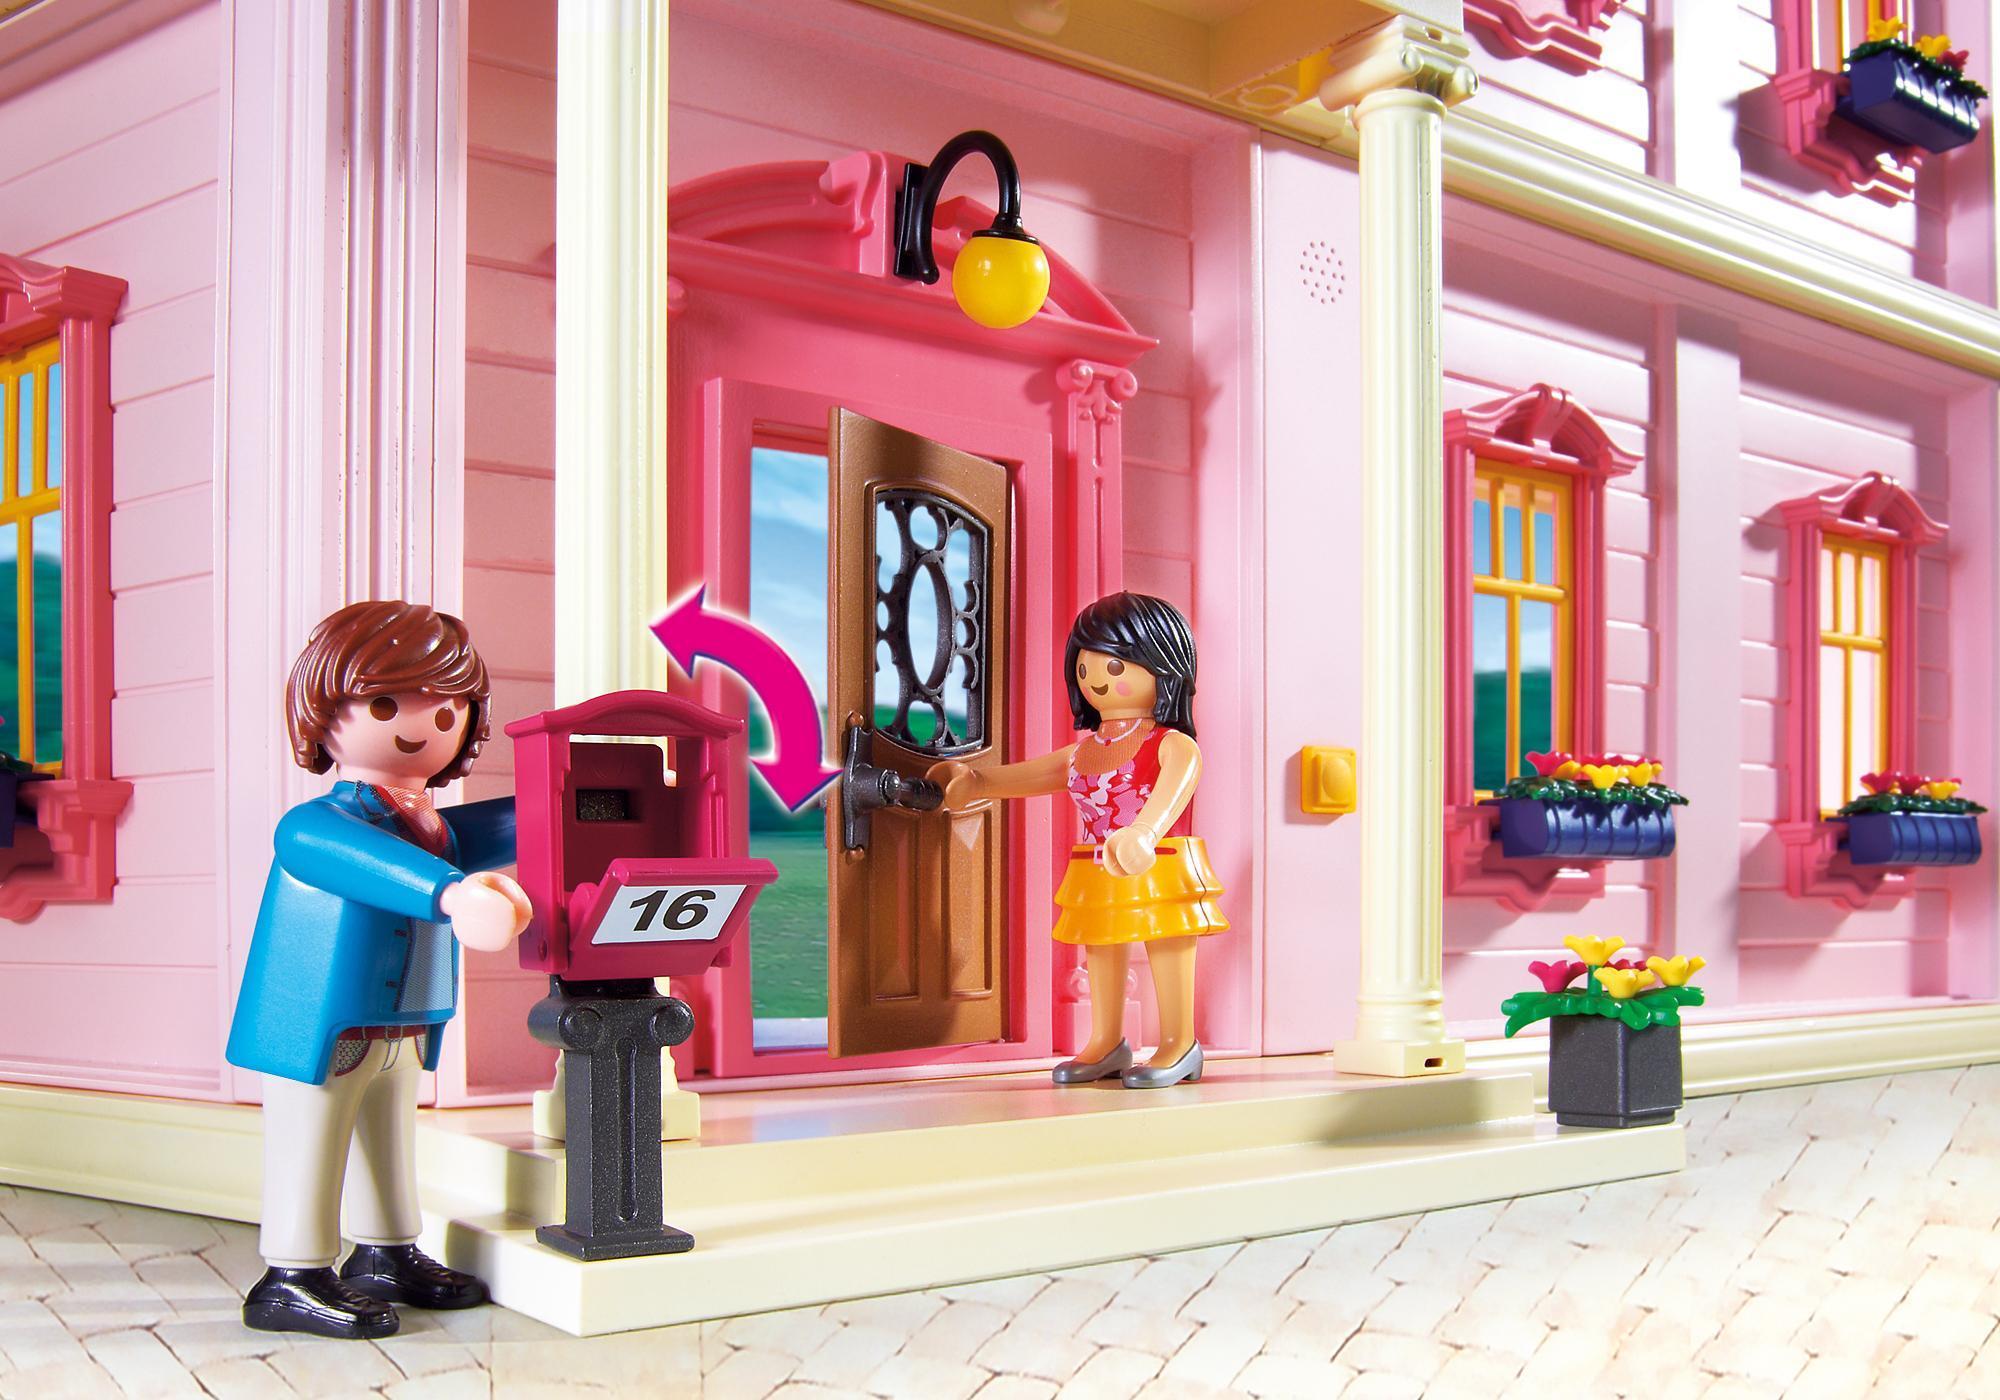 http://media.playmobil.com/i/playmobil/5303_product_extra1/Casa de Muñecas Romántica